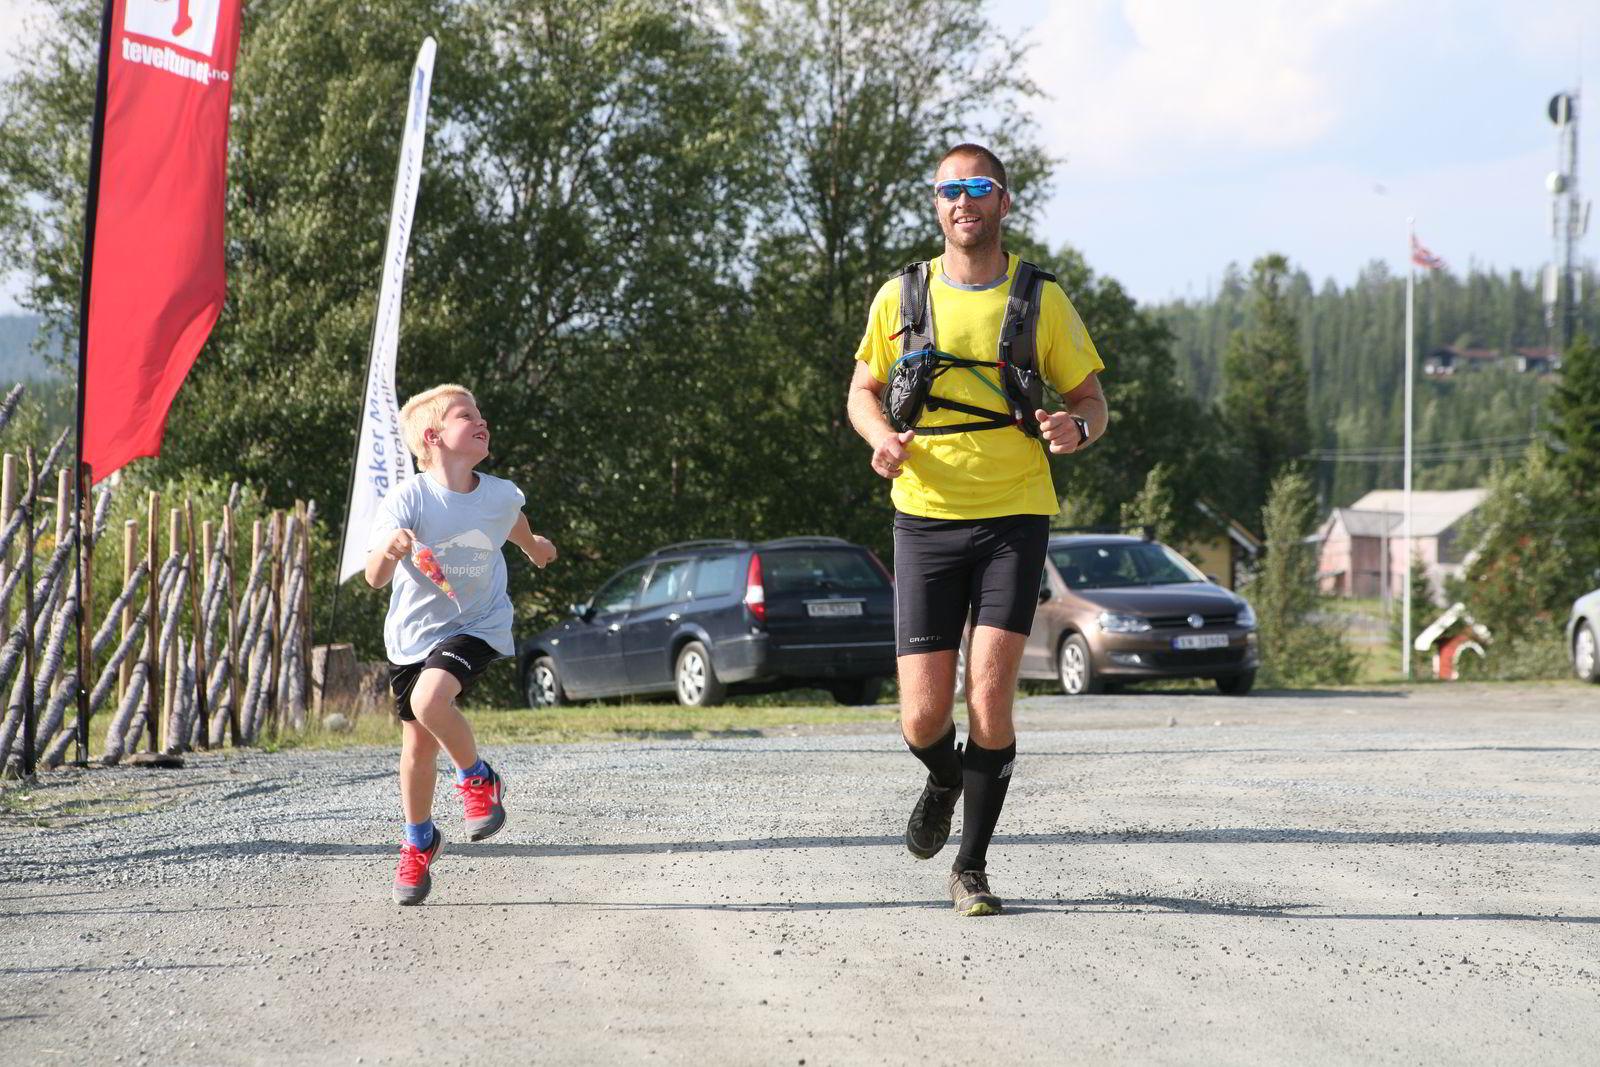 HISTORISK VINNER: Svein-Olav Lindset vant historiens første maratonklasse i Meråker Mountain Challenge i helgen. FOTO: Hallgeir Martin Lundemo